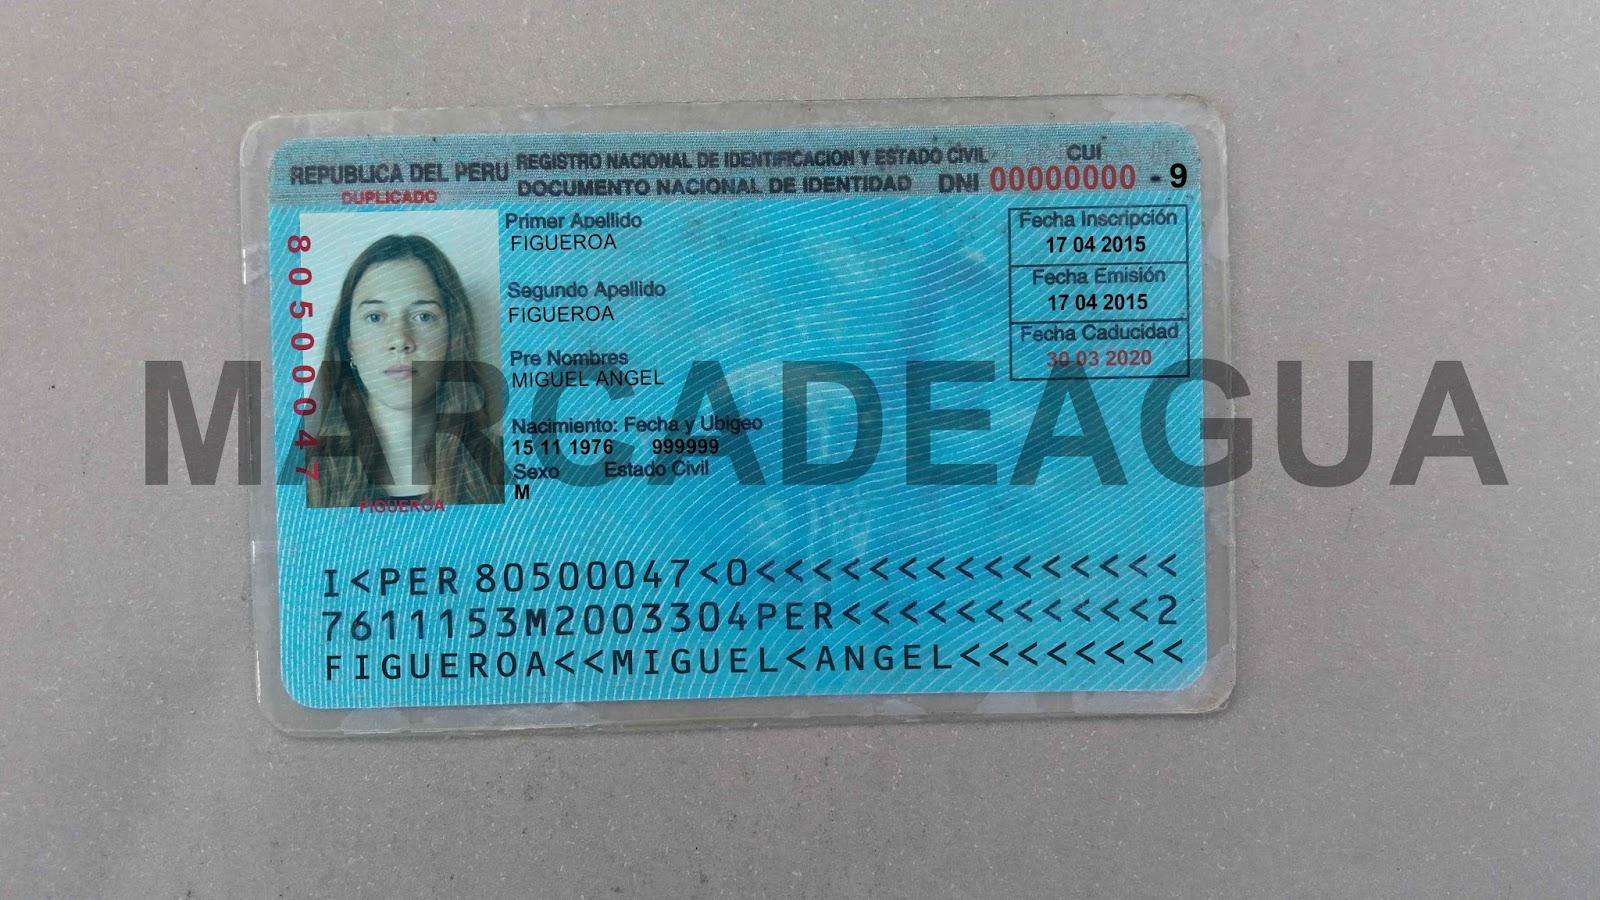 DNI Peruano - Plantilla editable HD - venta de cedulas y documentos